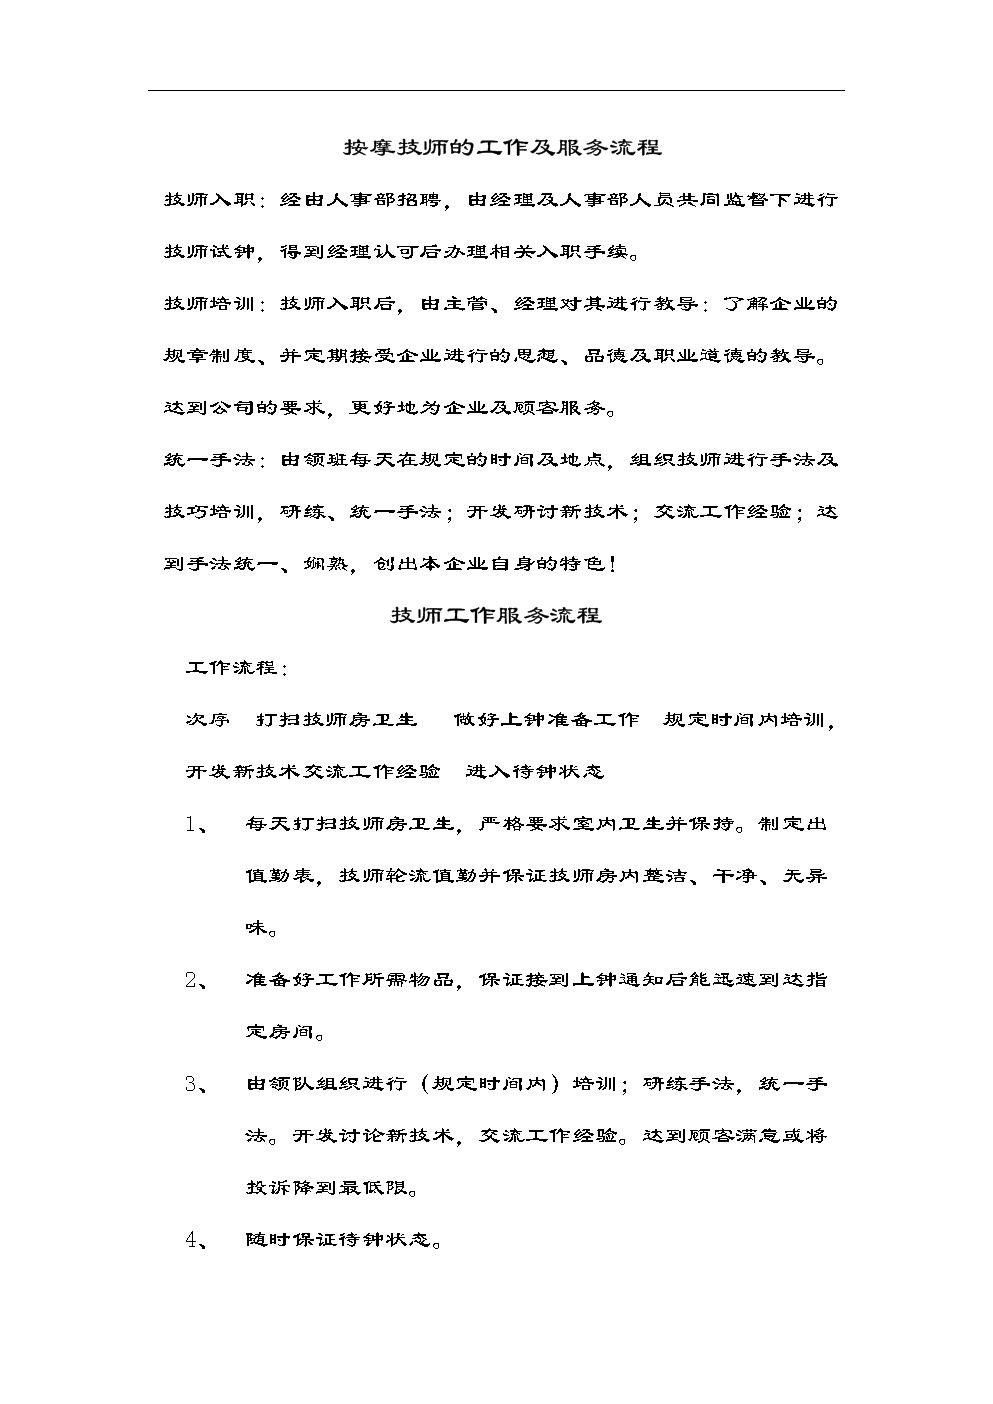 技师工作服务流程.doc